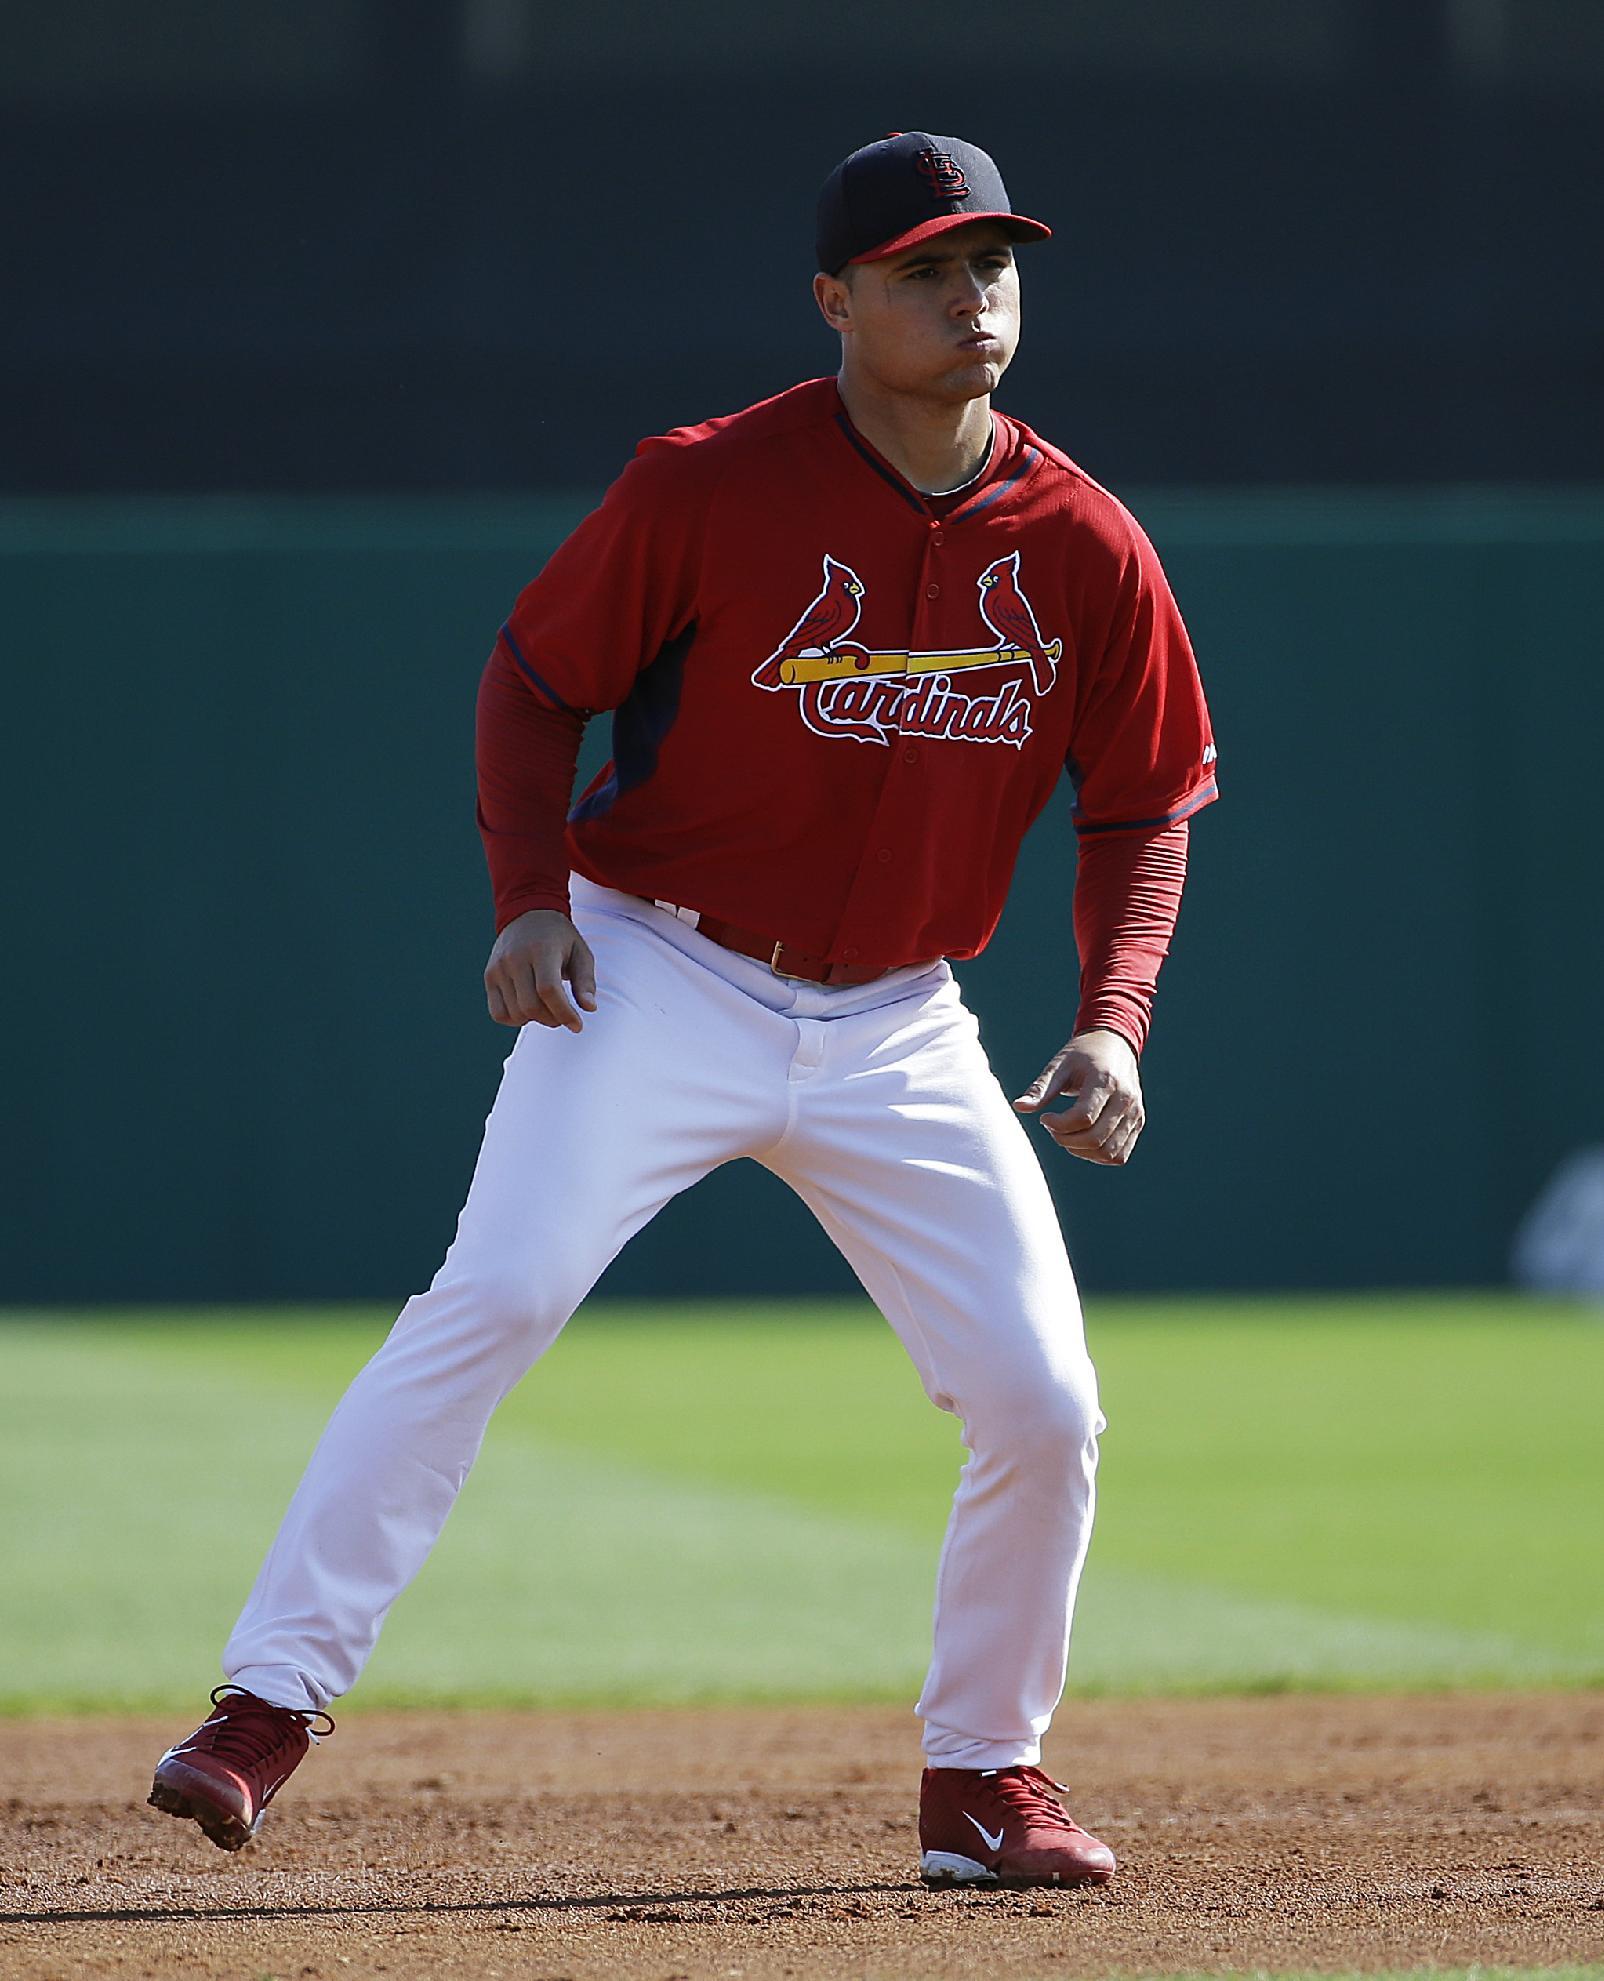 Cardinals introduce Cuban SS Aledmys Diaz